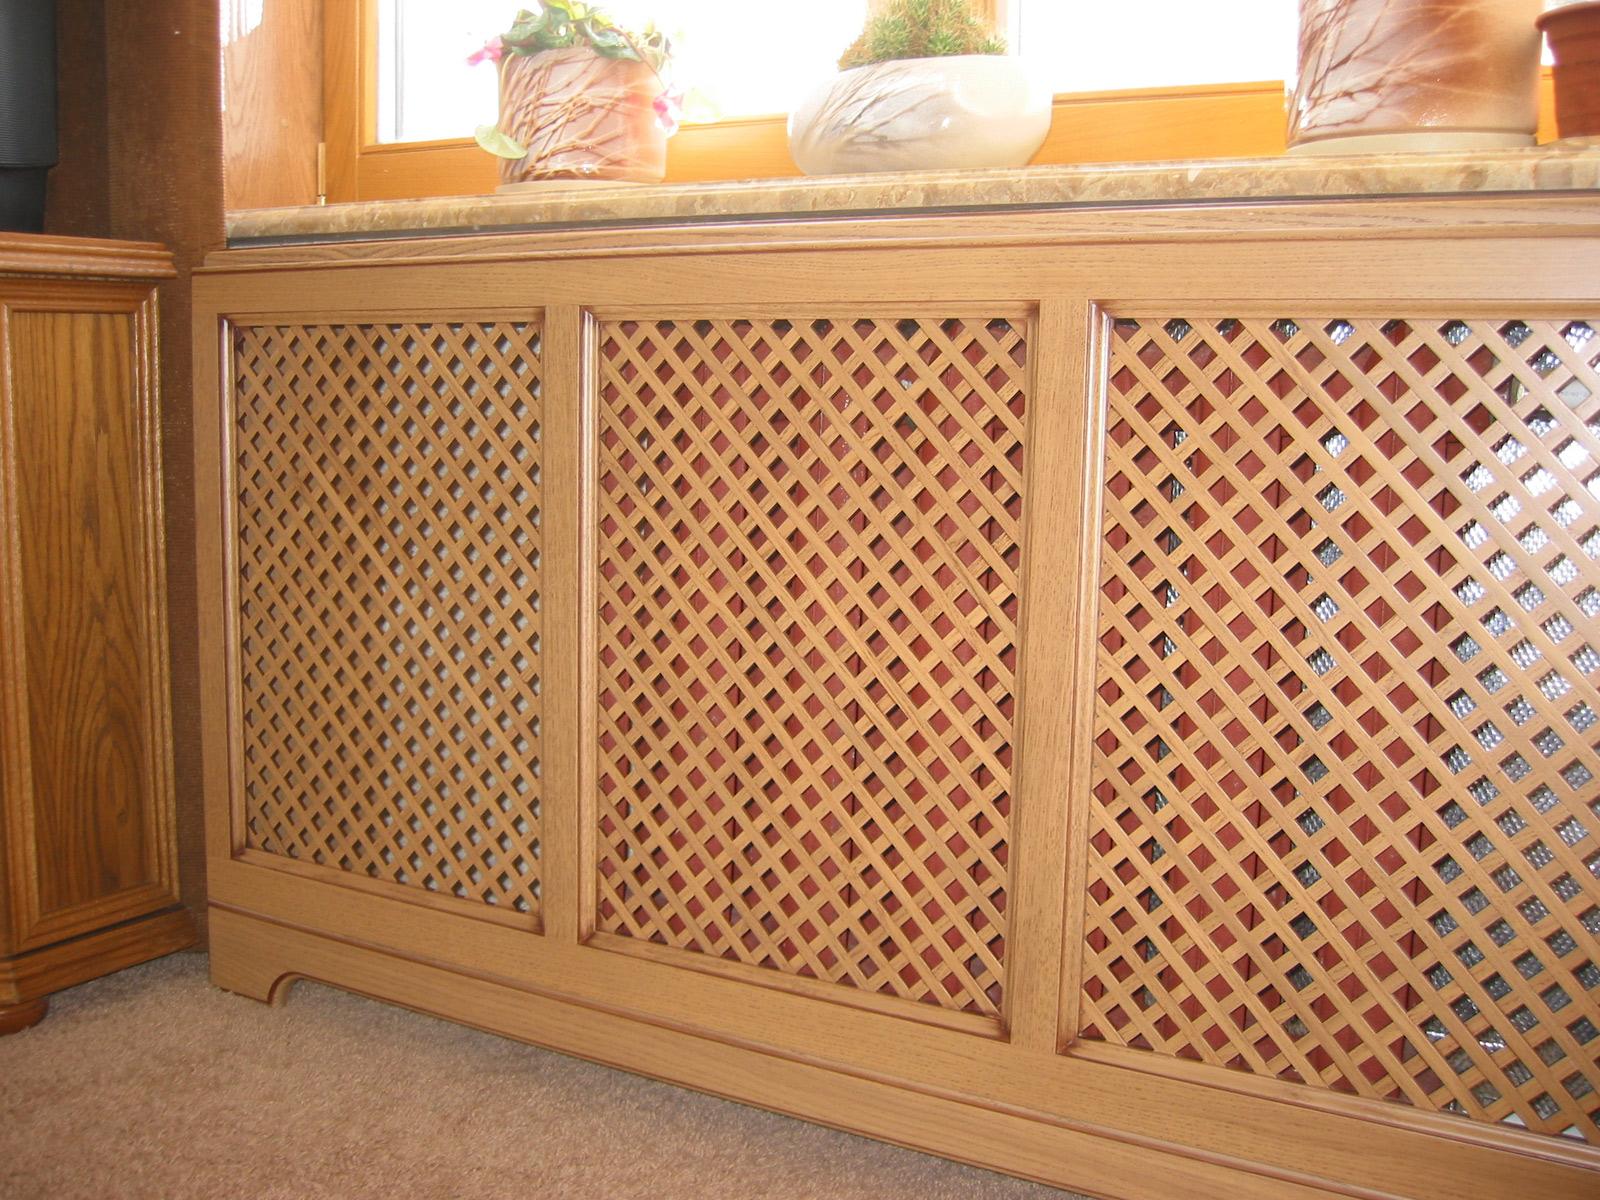 Решетки для радиаторов отопления: пластиковые, декоративные, деревянные